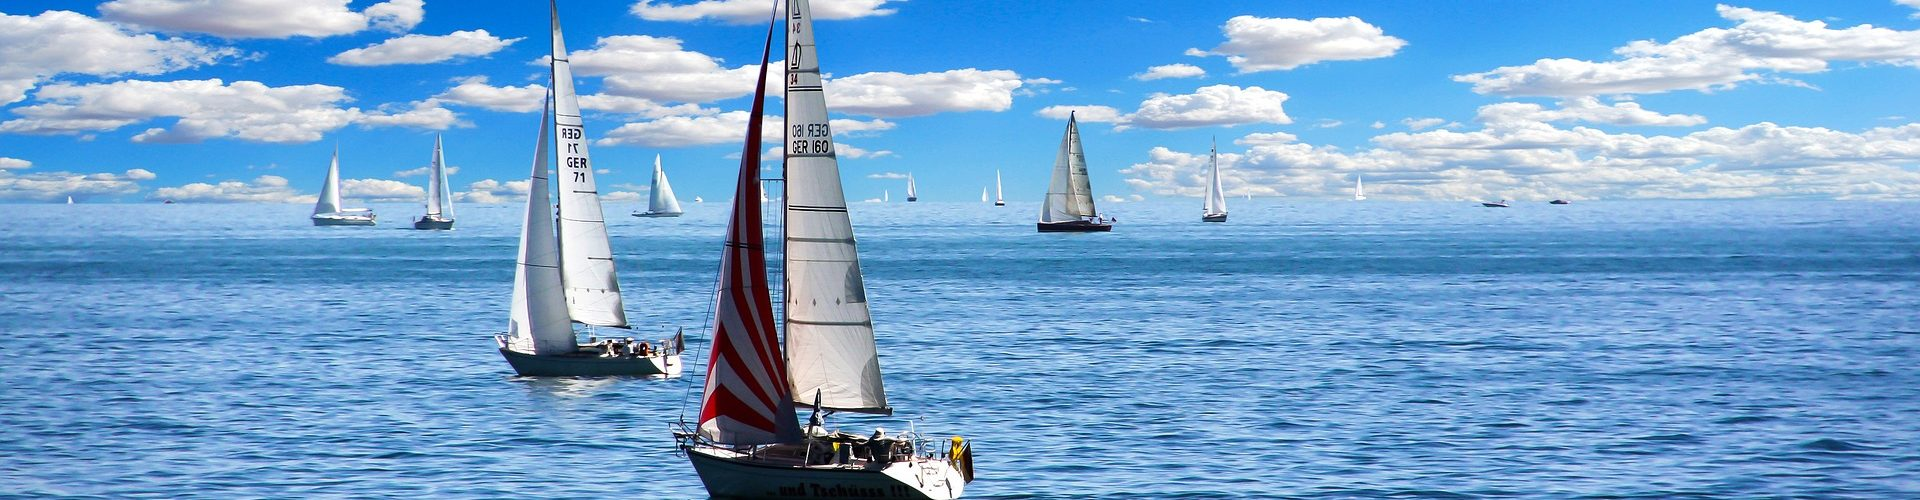 segeln lernen in Mosbach segelschein machen in Mosbach 1920x500 - Segeln lernen in Mosbach